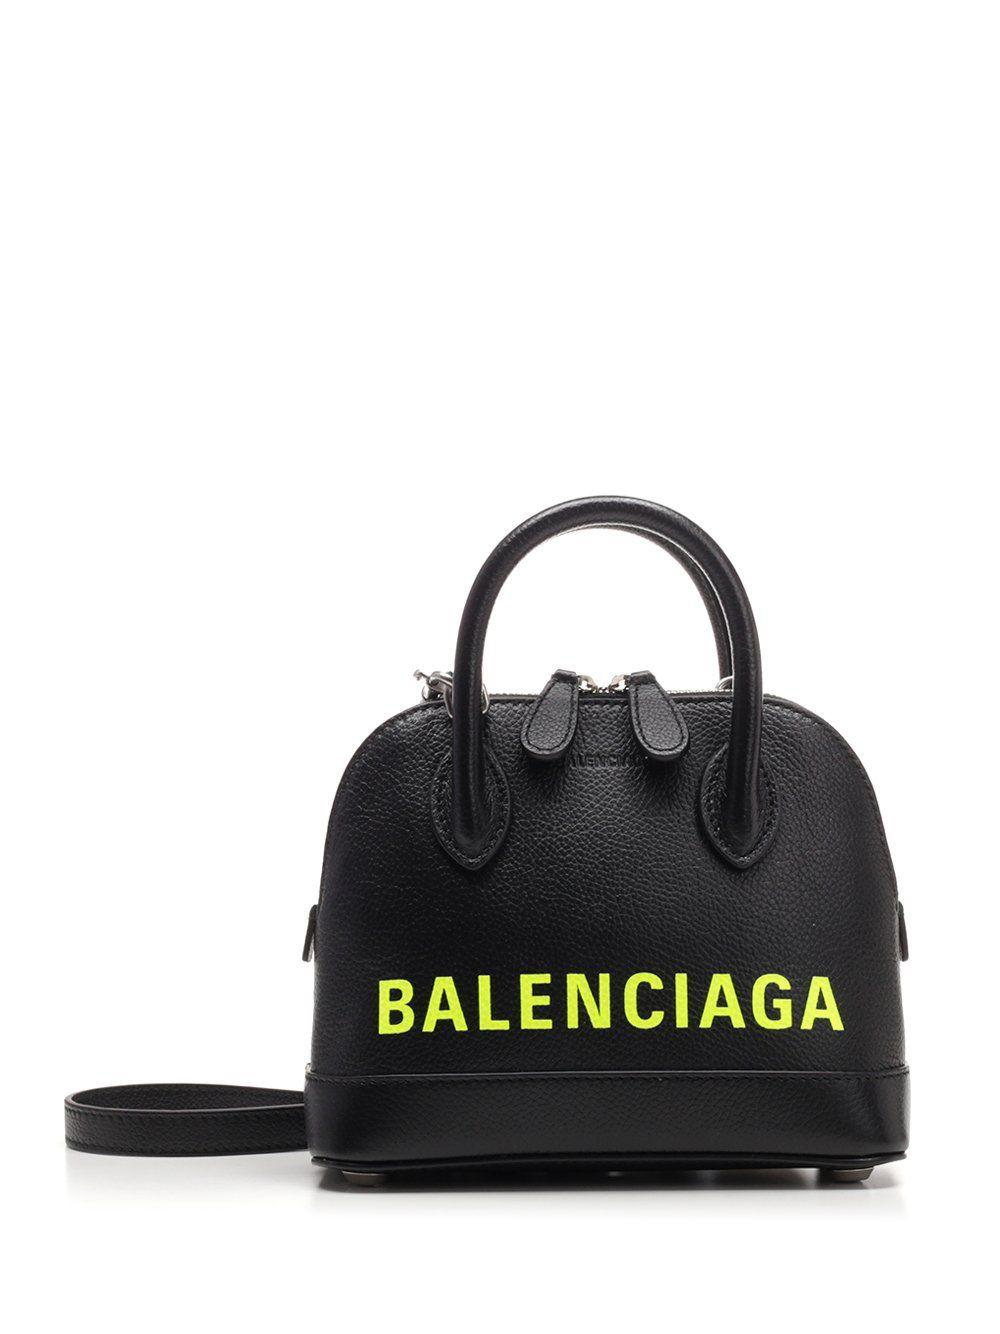 BALENCIAGA BALENCIAGA VILLE XXS TOTE BAG bags bags